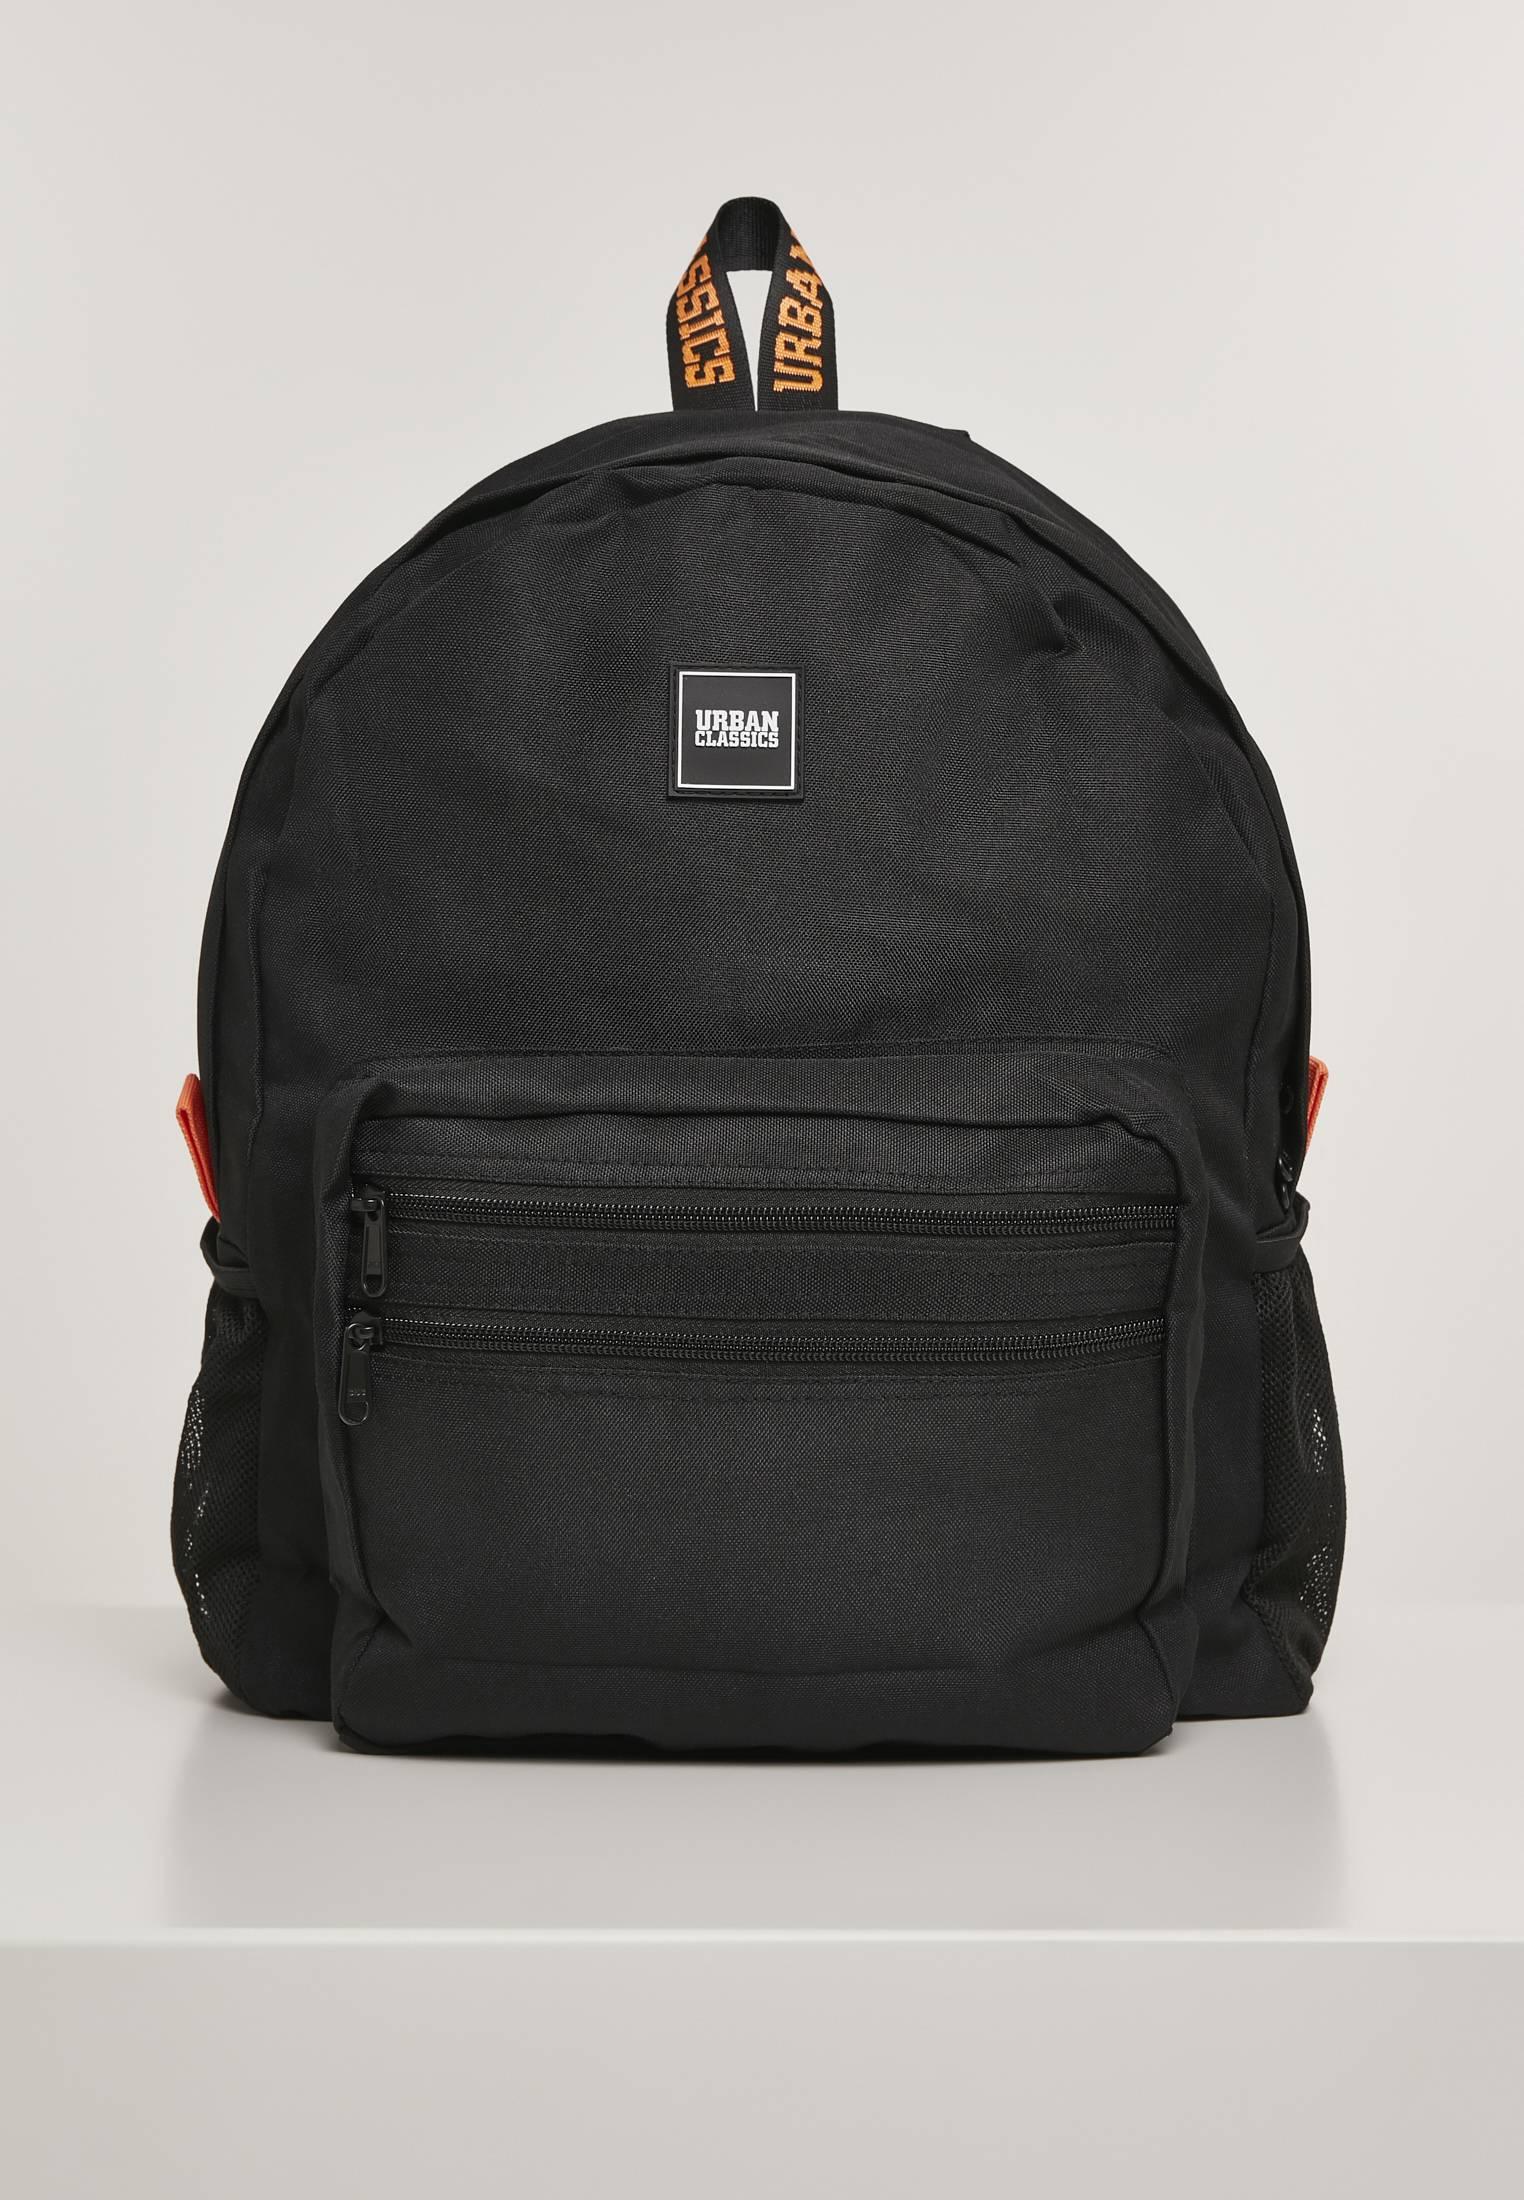 Urban Classics Basic Backpack black/orange - One Size